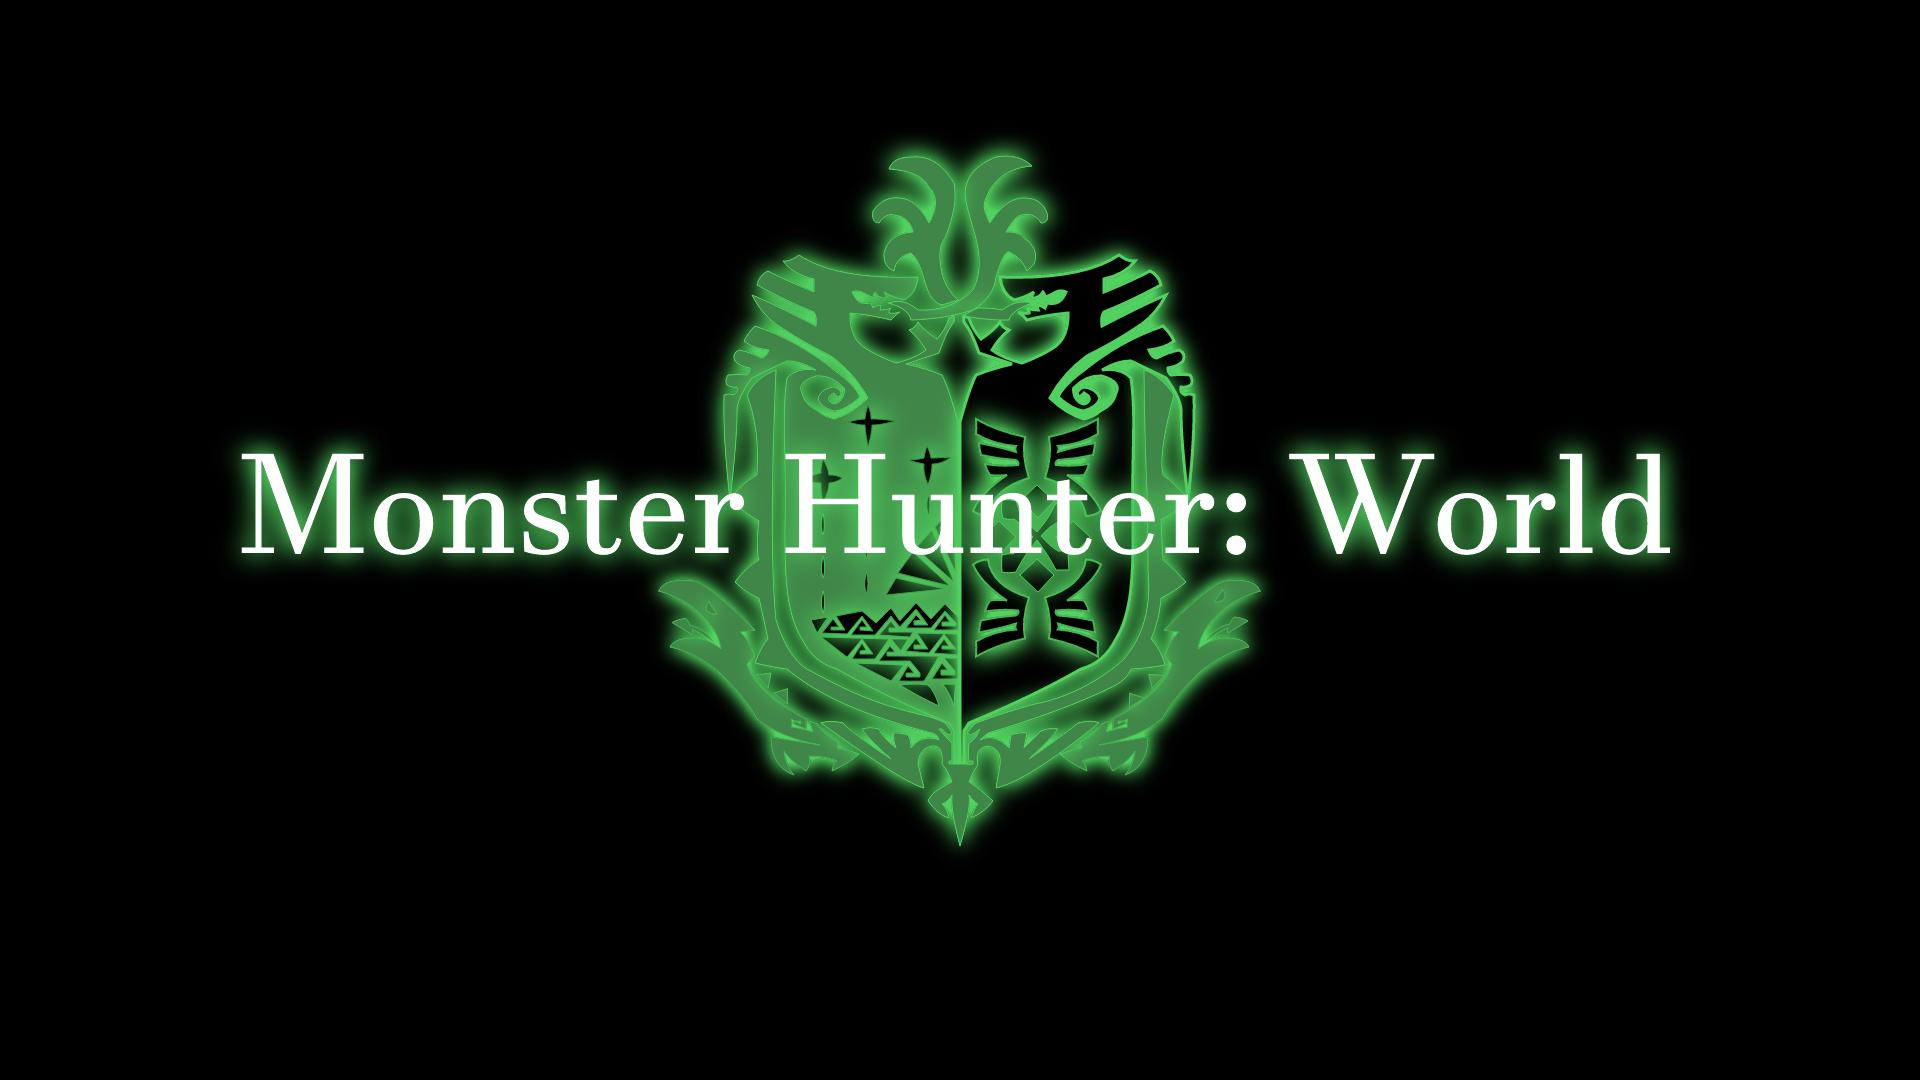 I Made My Own Monster Hunter World Wallpaper Monster Hunter World Wallpaper Monster Hunter World World Wallpaper